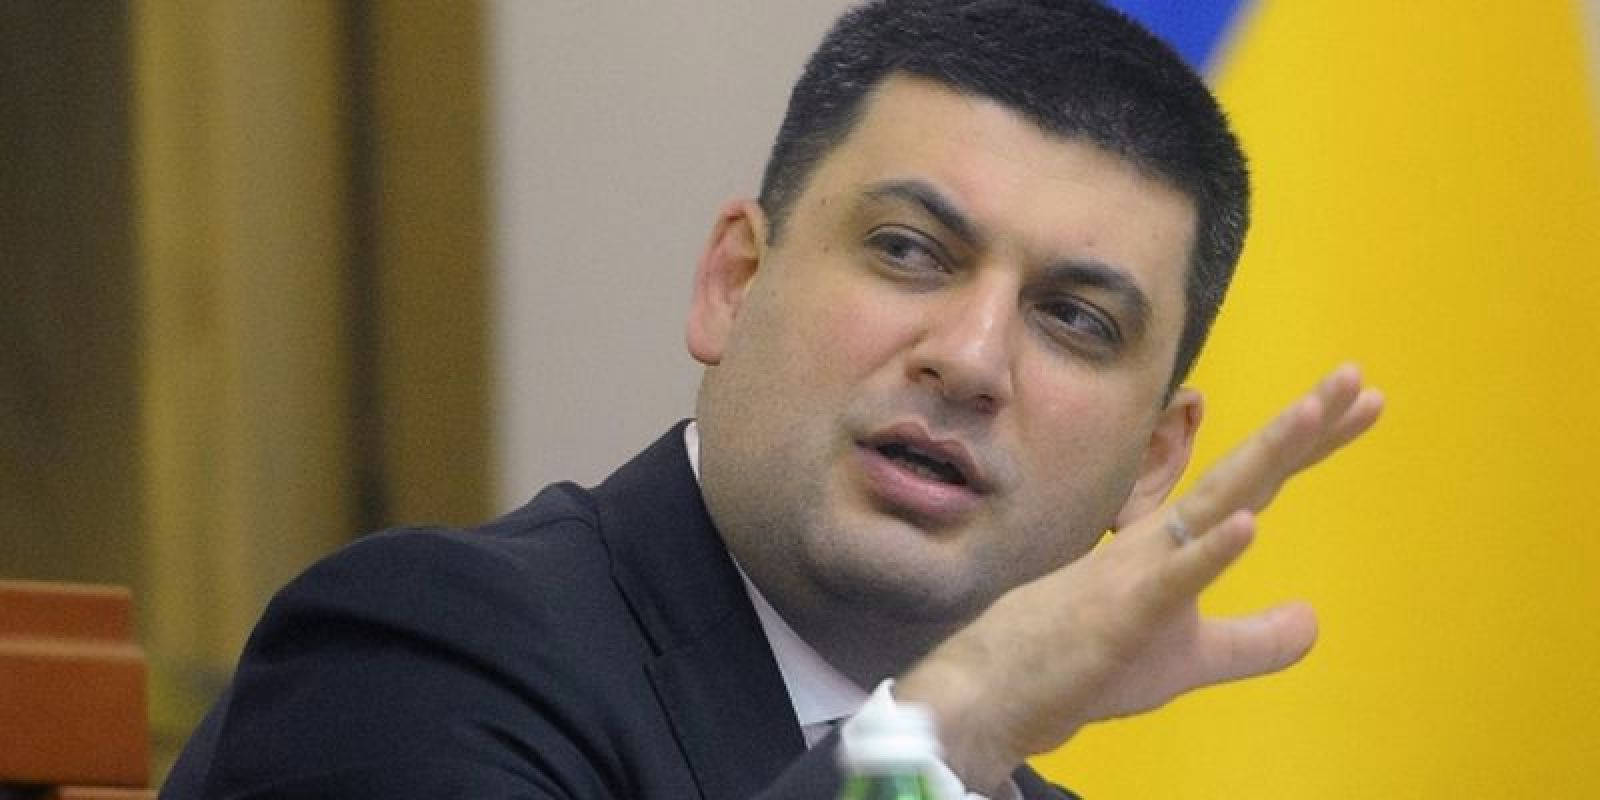 """Гройсман назвал """"махновщиной"""" транспортную блокаду и призвал силовиков к жестким действиям"""